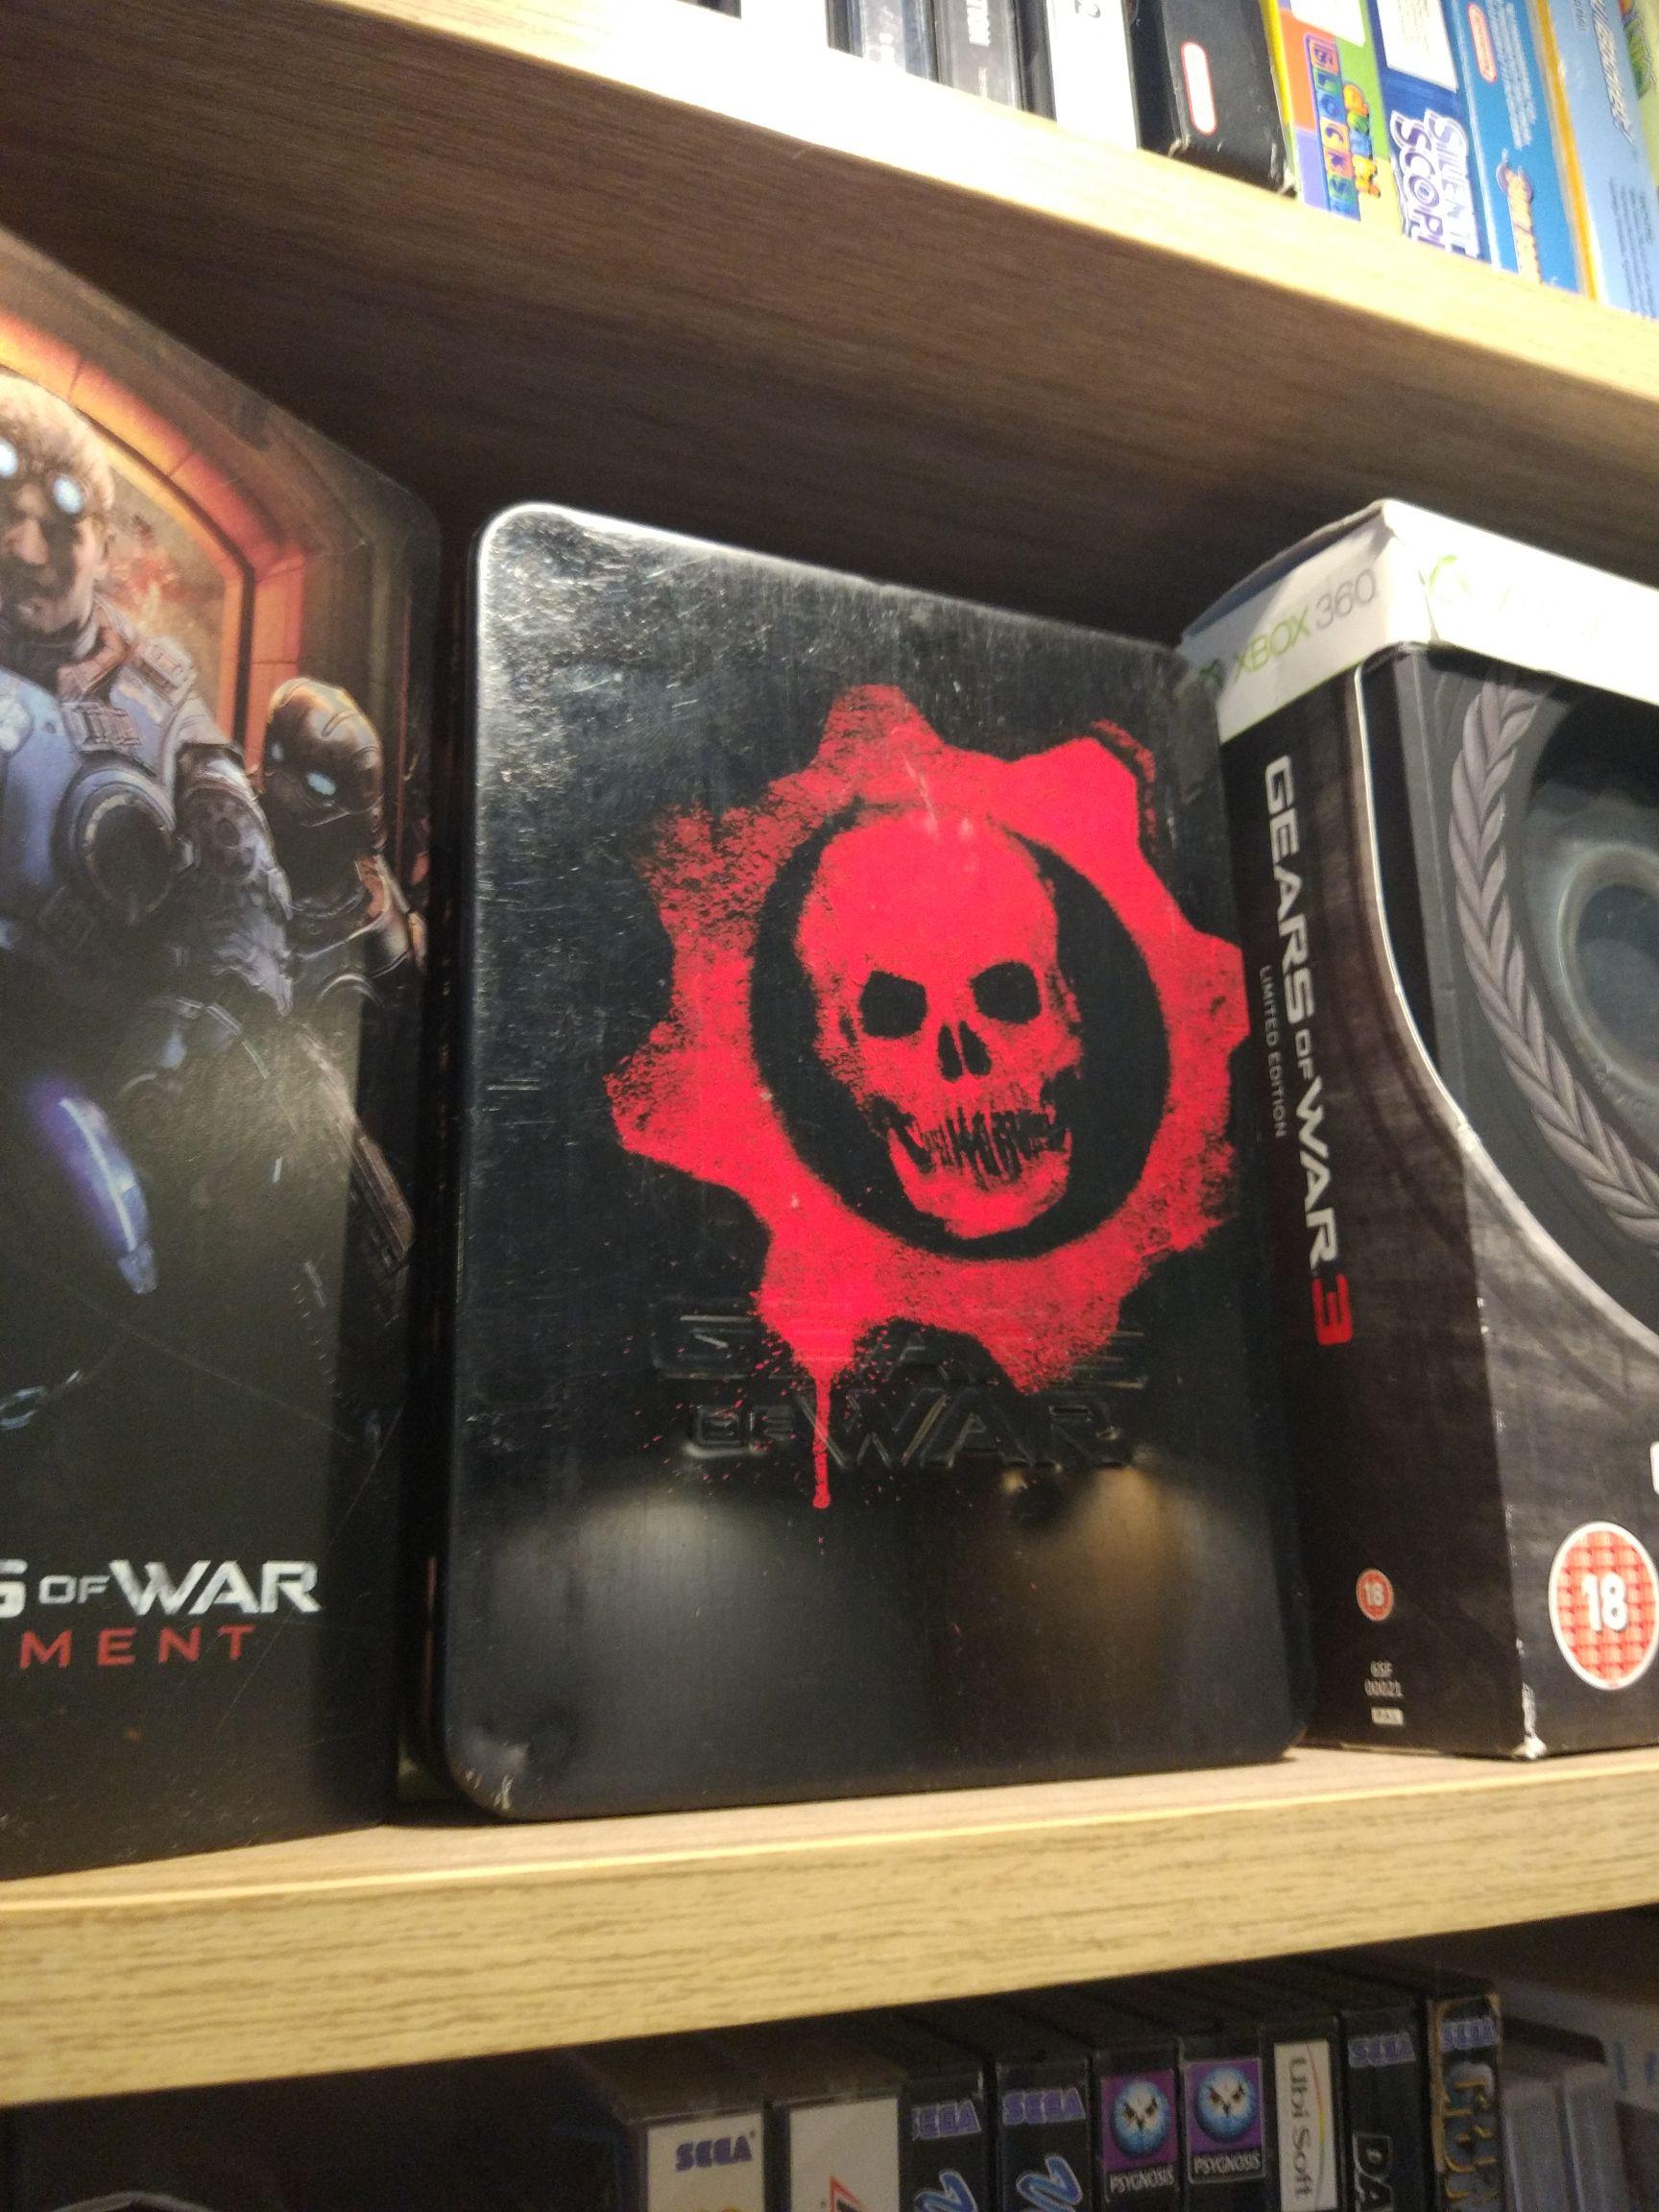 Koszulki z Gears of War 4 Mafia 3 i inne